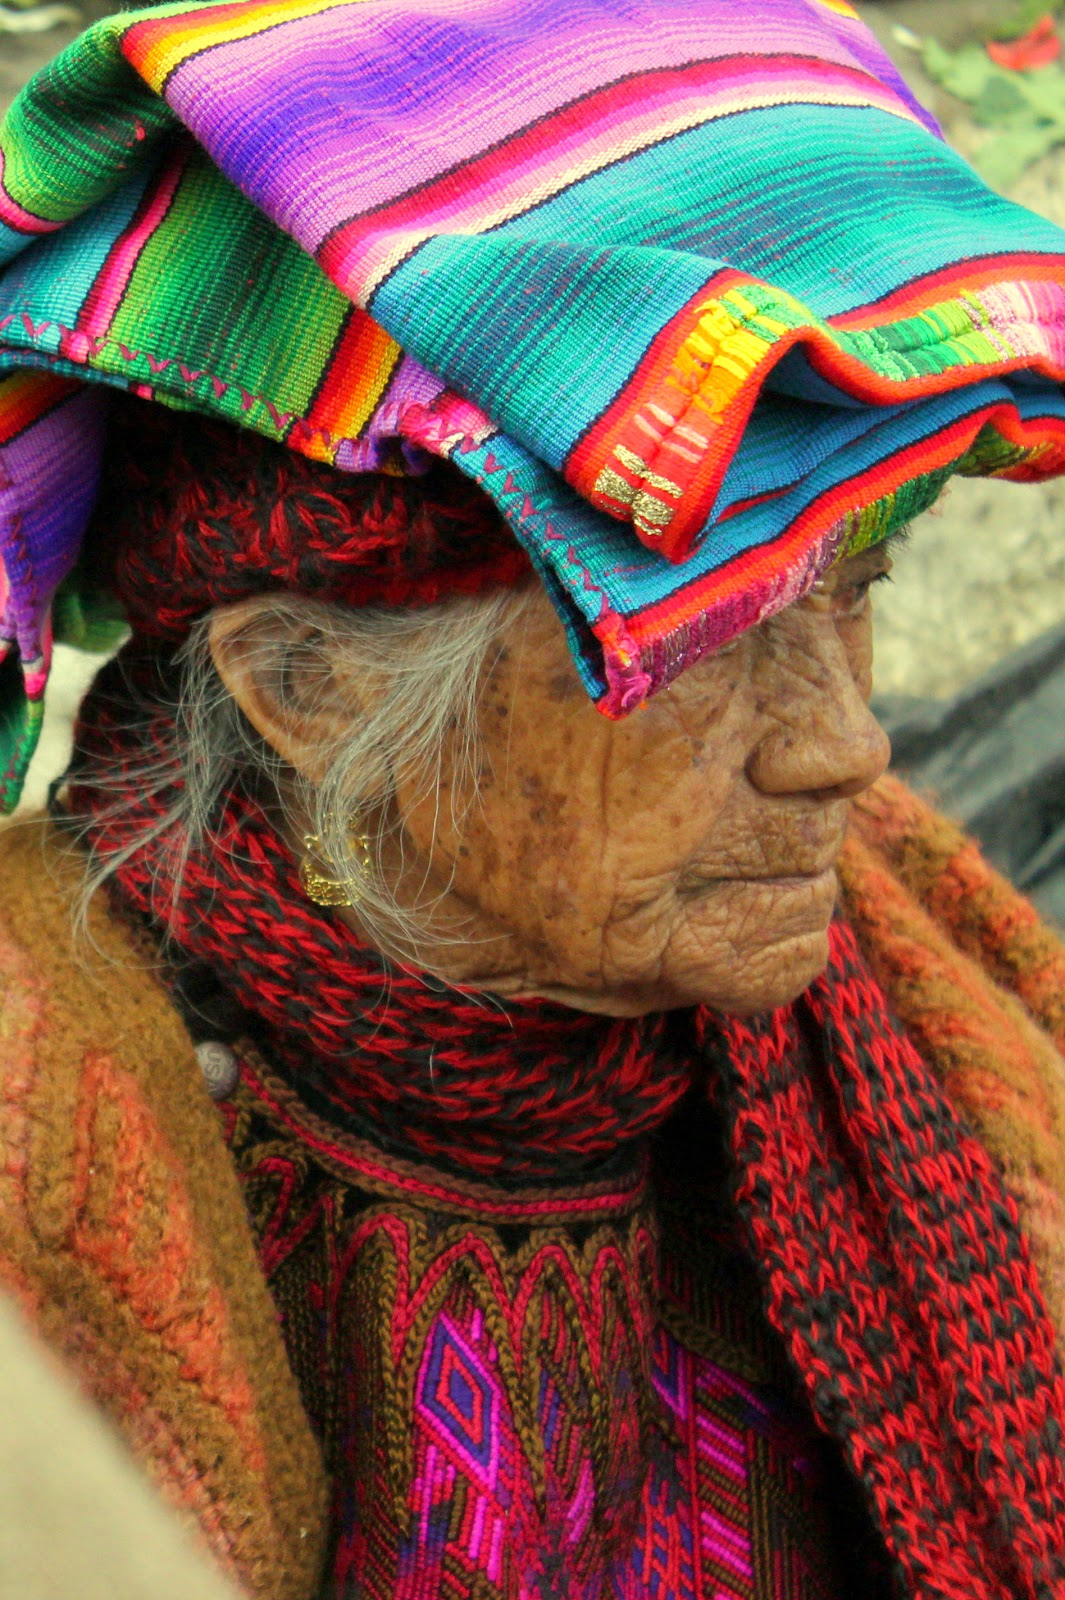 donna chichicastenango guatemala